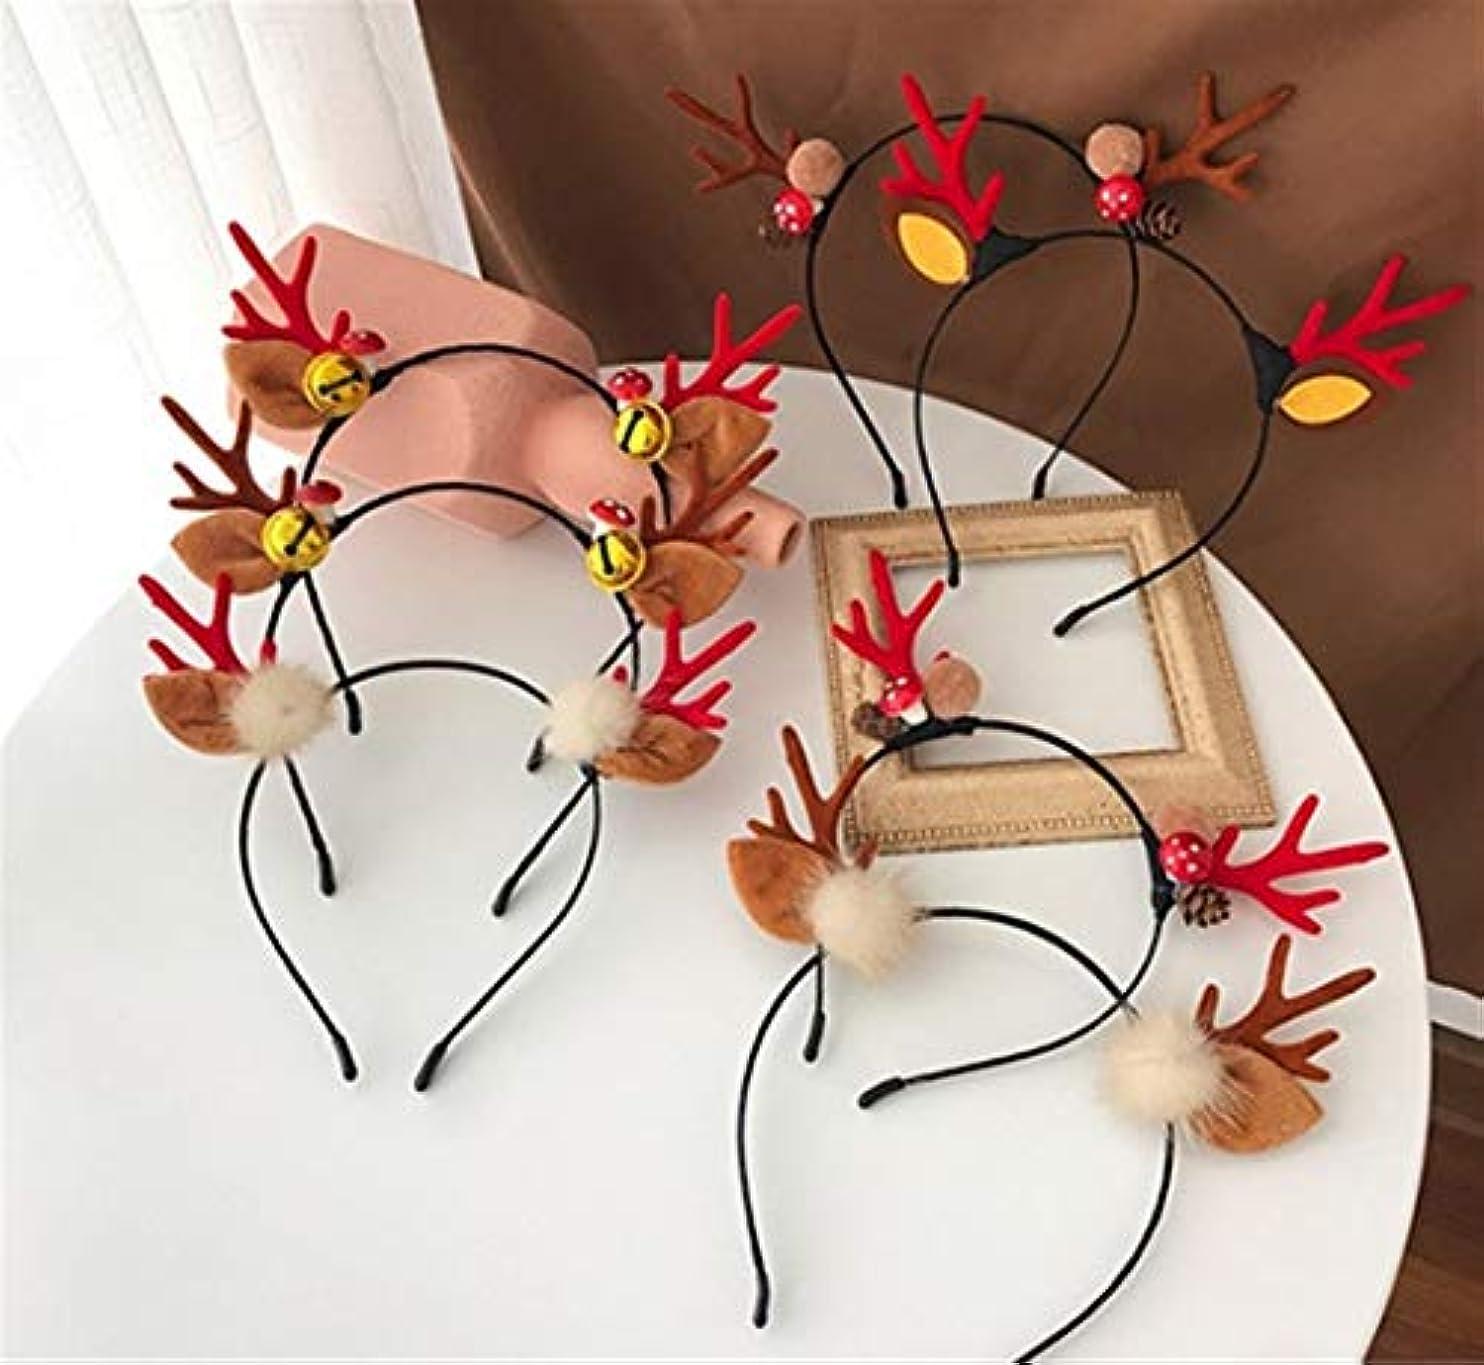 インレイ弱点全滅させるクリスマスヘッドバンド小さな枝角揺れヘッドバンドティアラ女性のヘアピン (Color : Red, Style : C)